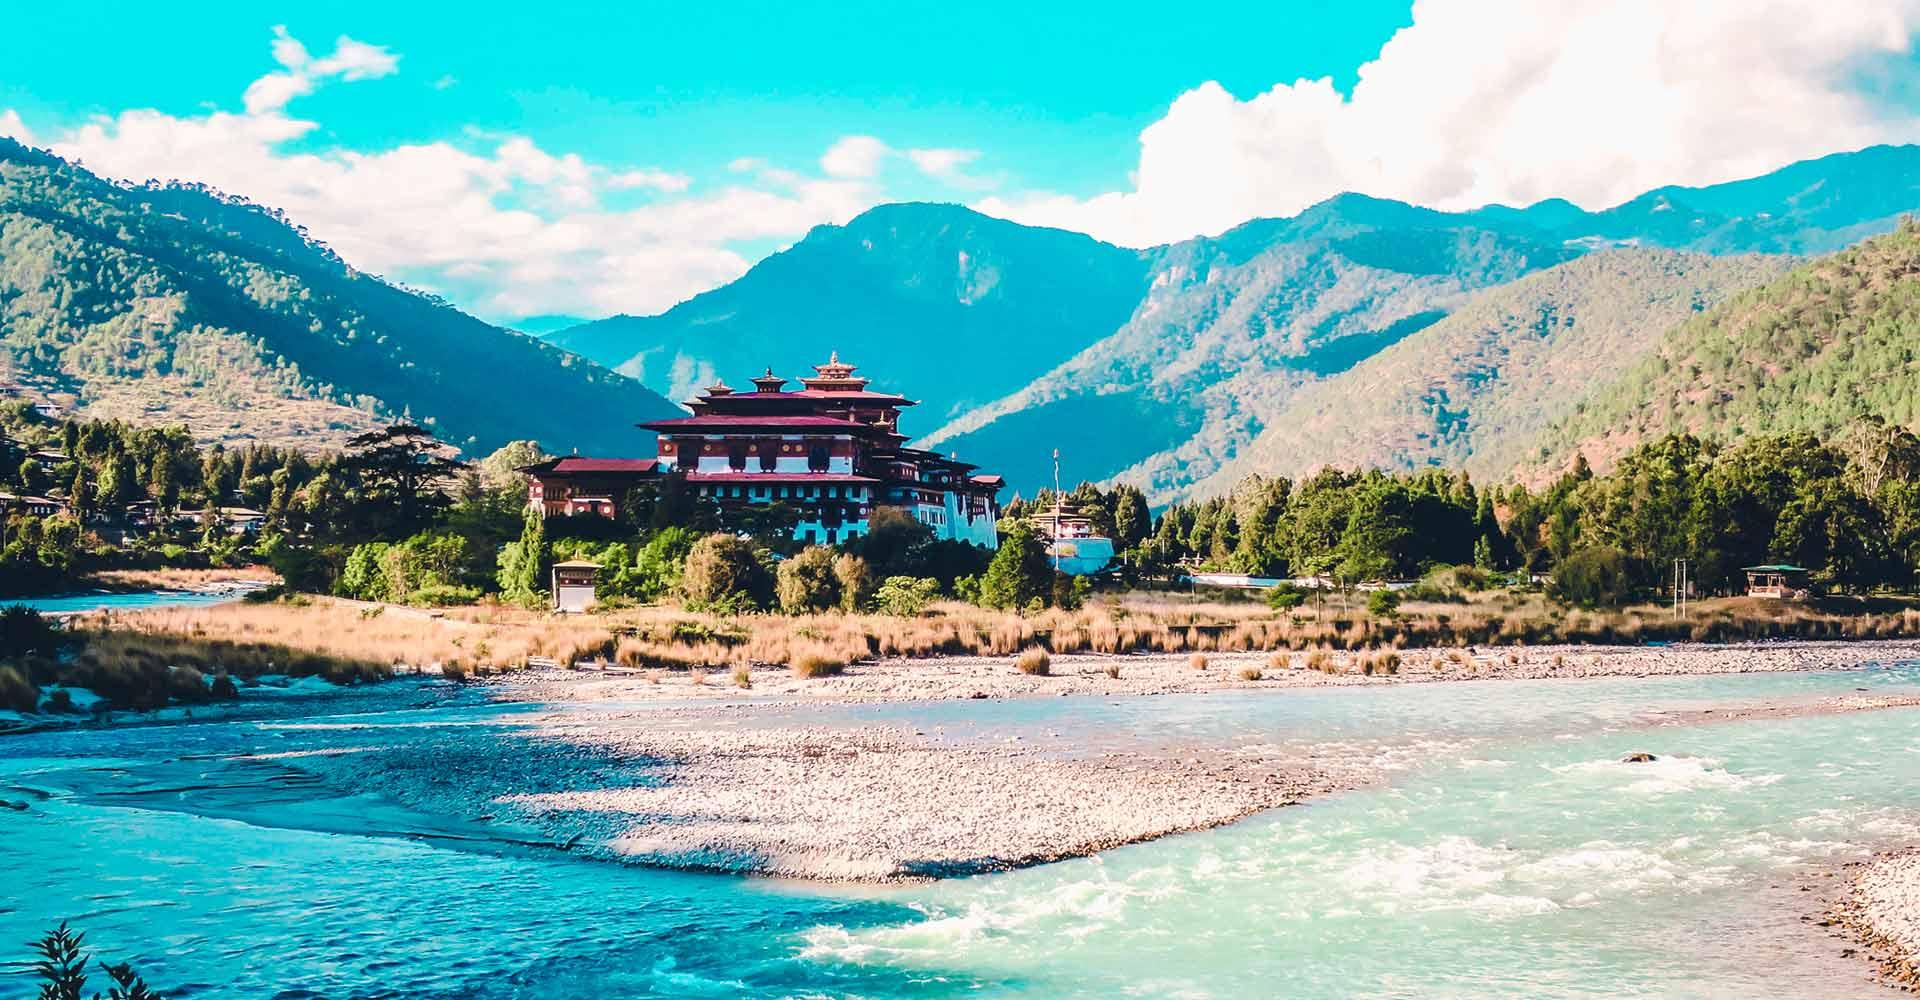 Banner image of Bhutan